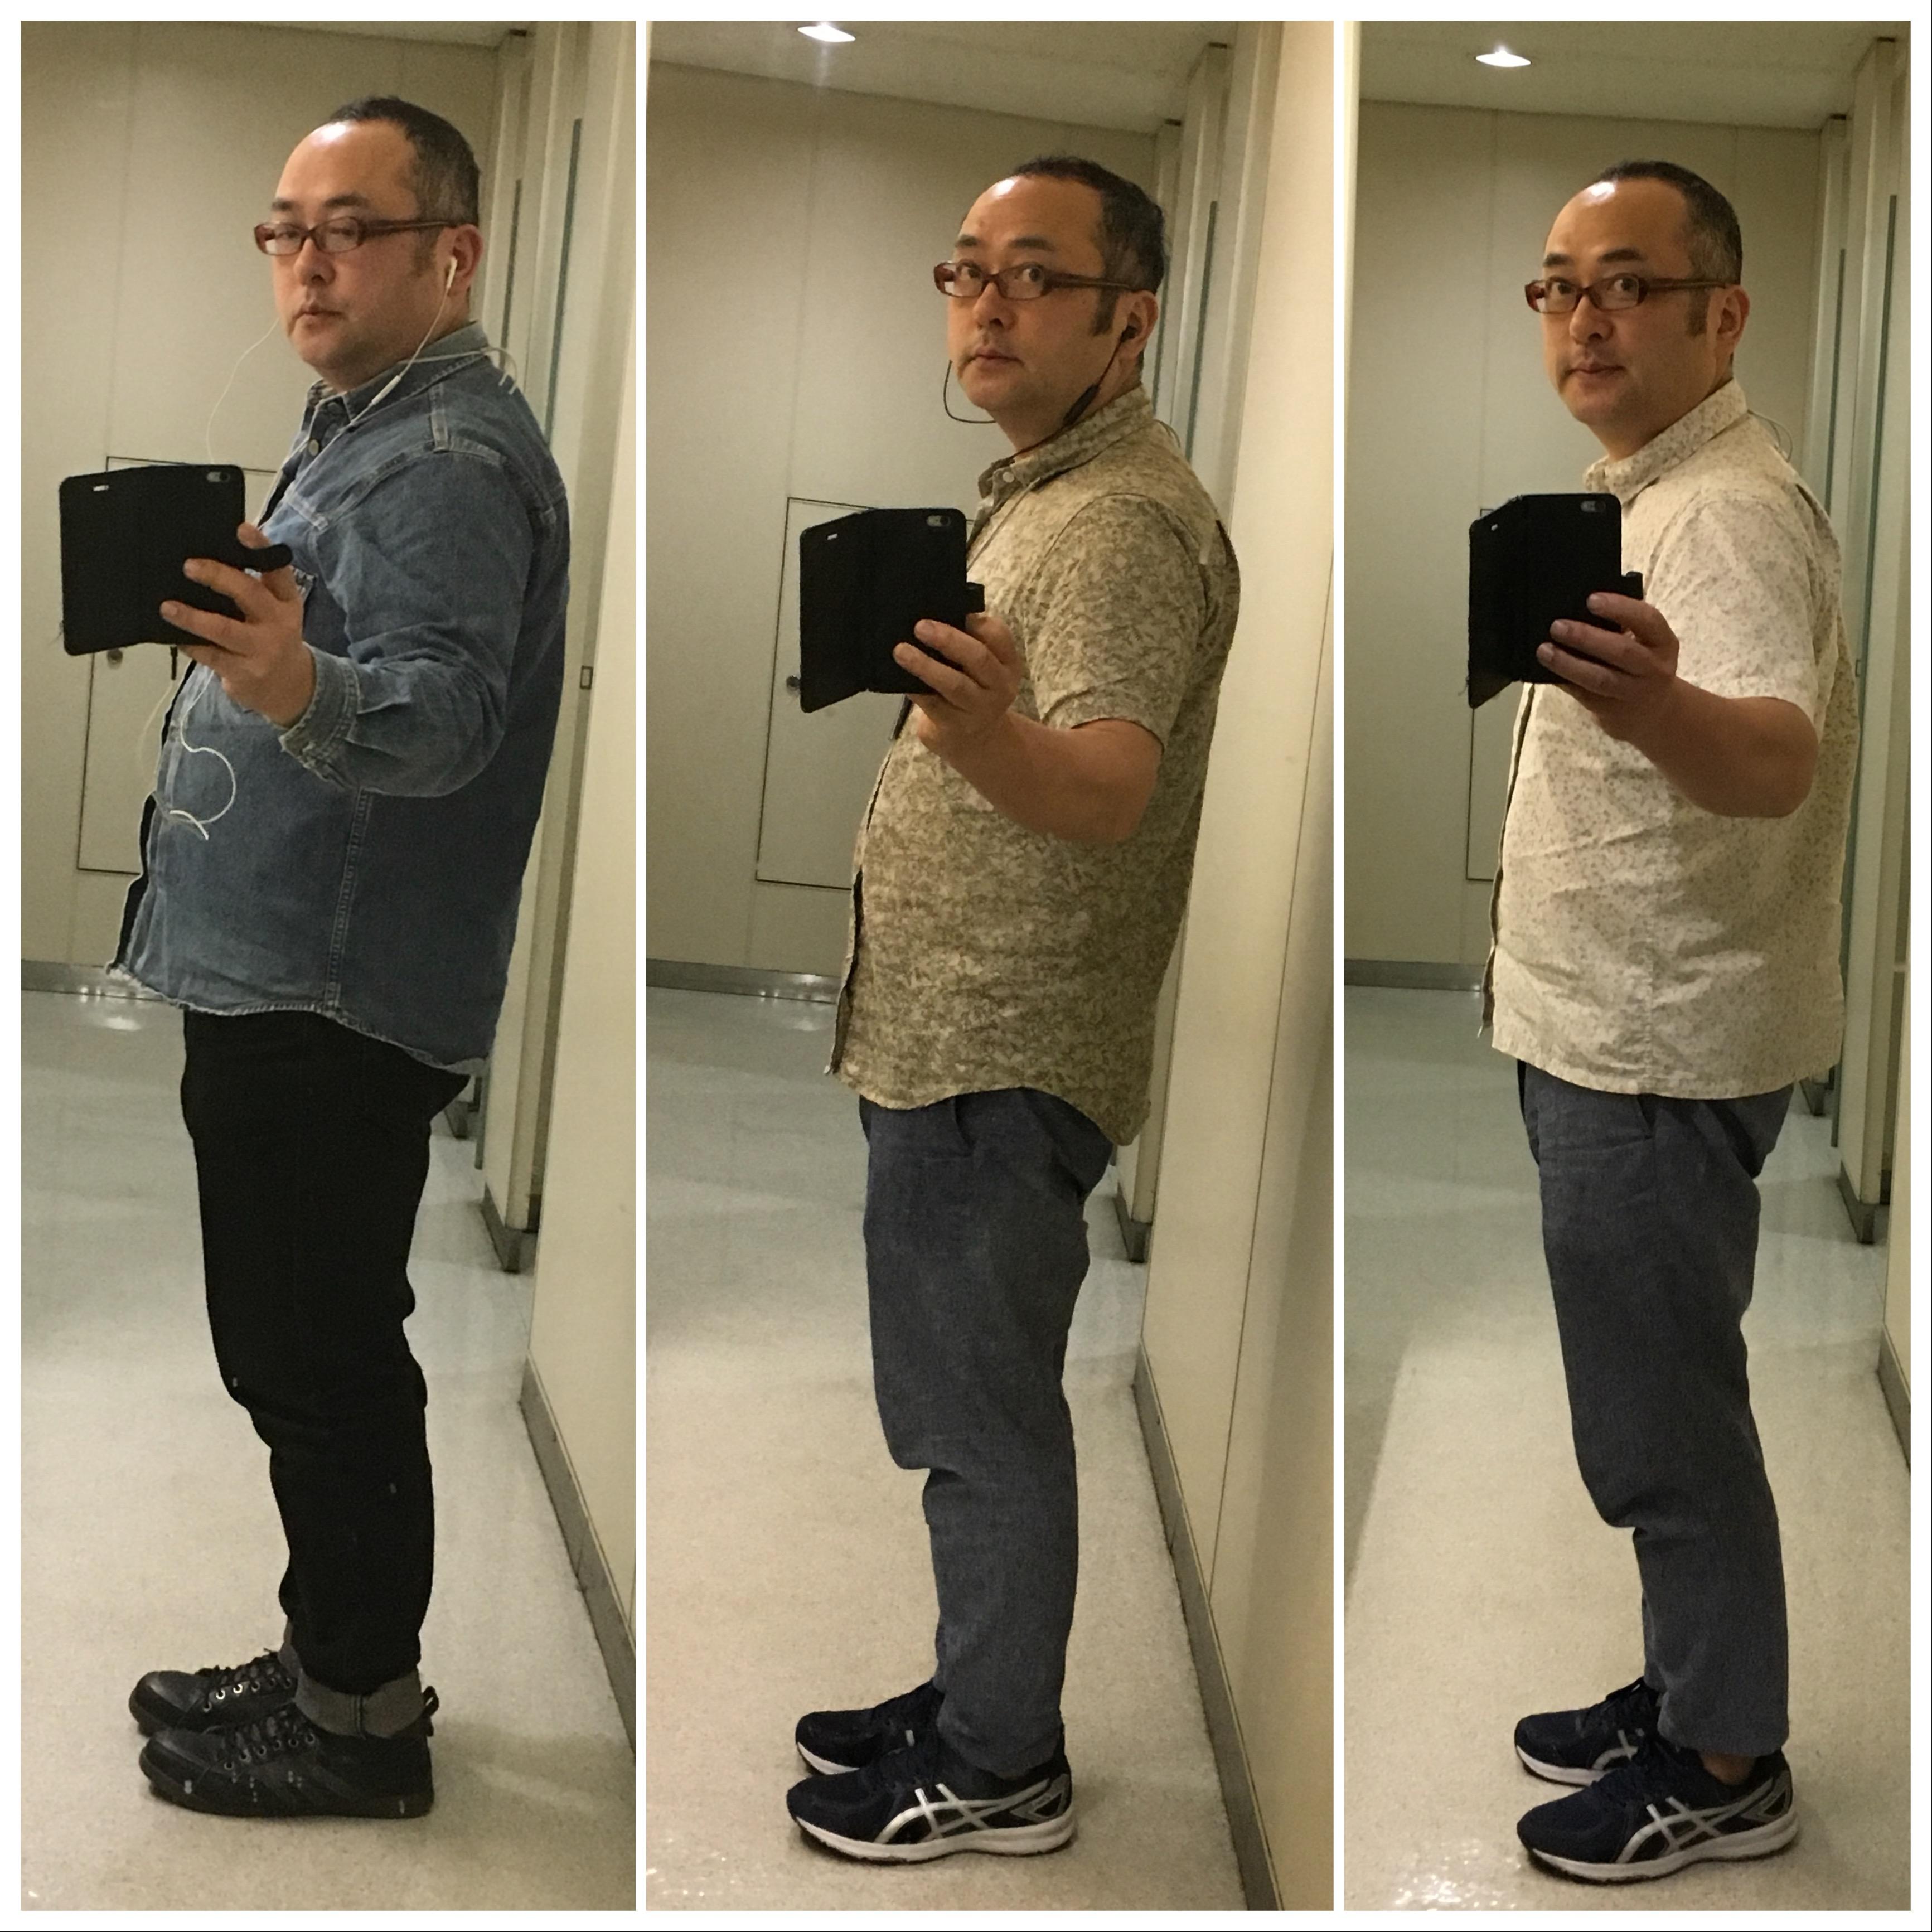 ダイエット半年後見た目の変化